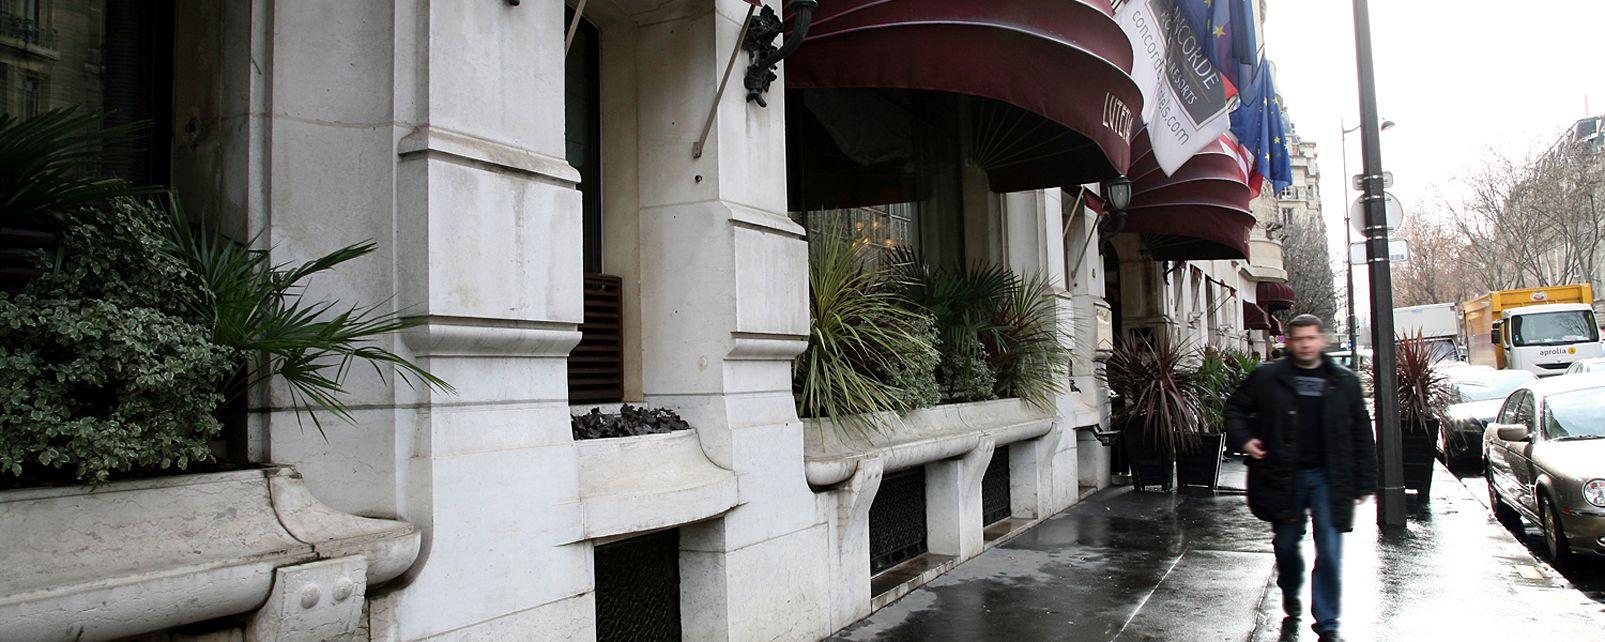 Hotel lutetia in - Le lutetia restaurant paris ...